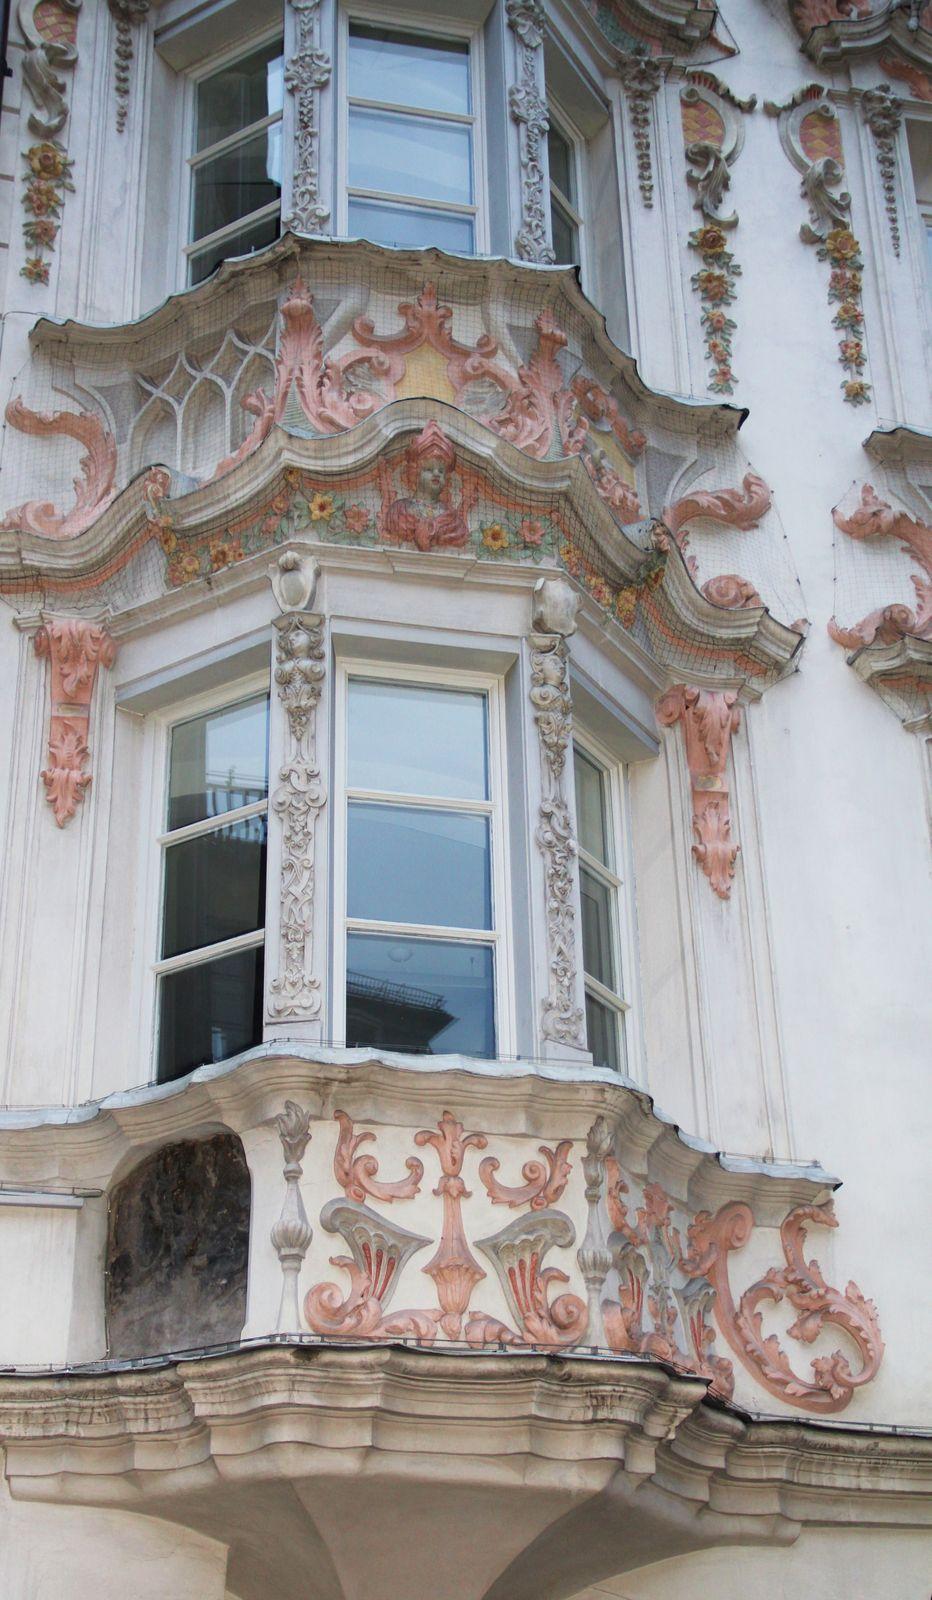 'The Helbling House' - Maison Bourgeoise du XVème siècle - Magnifique façade composée de stucs de Style Baroque - Innsbruck - Autriche vers 1730